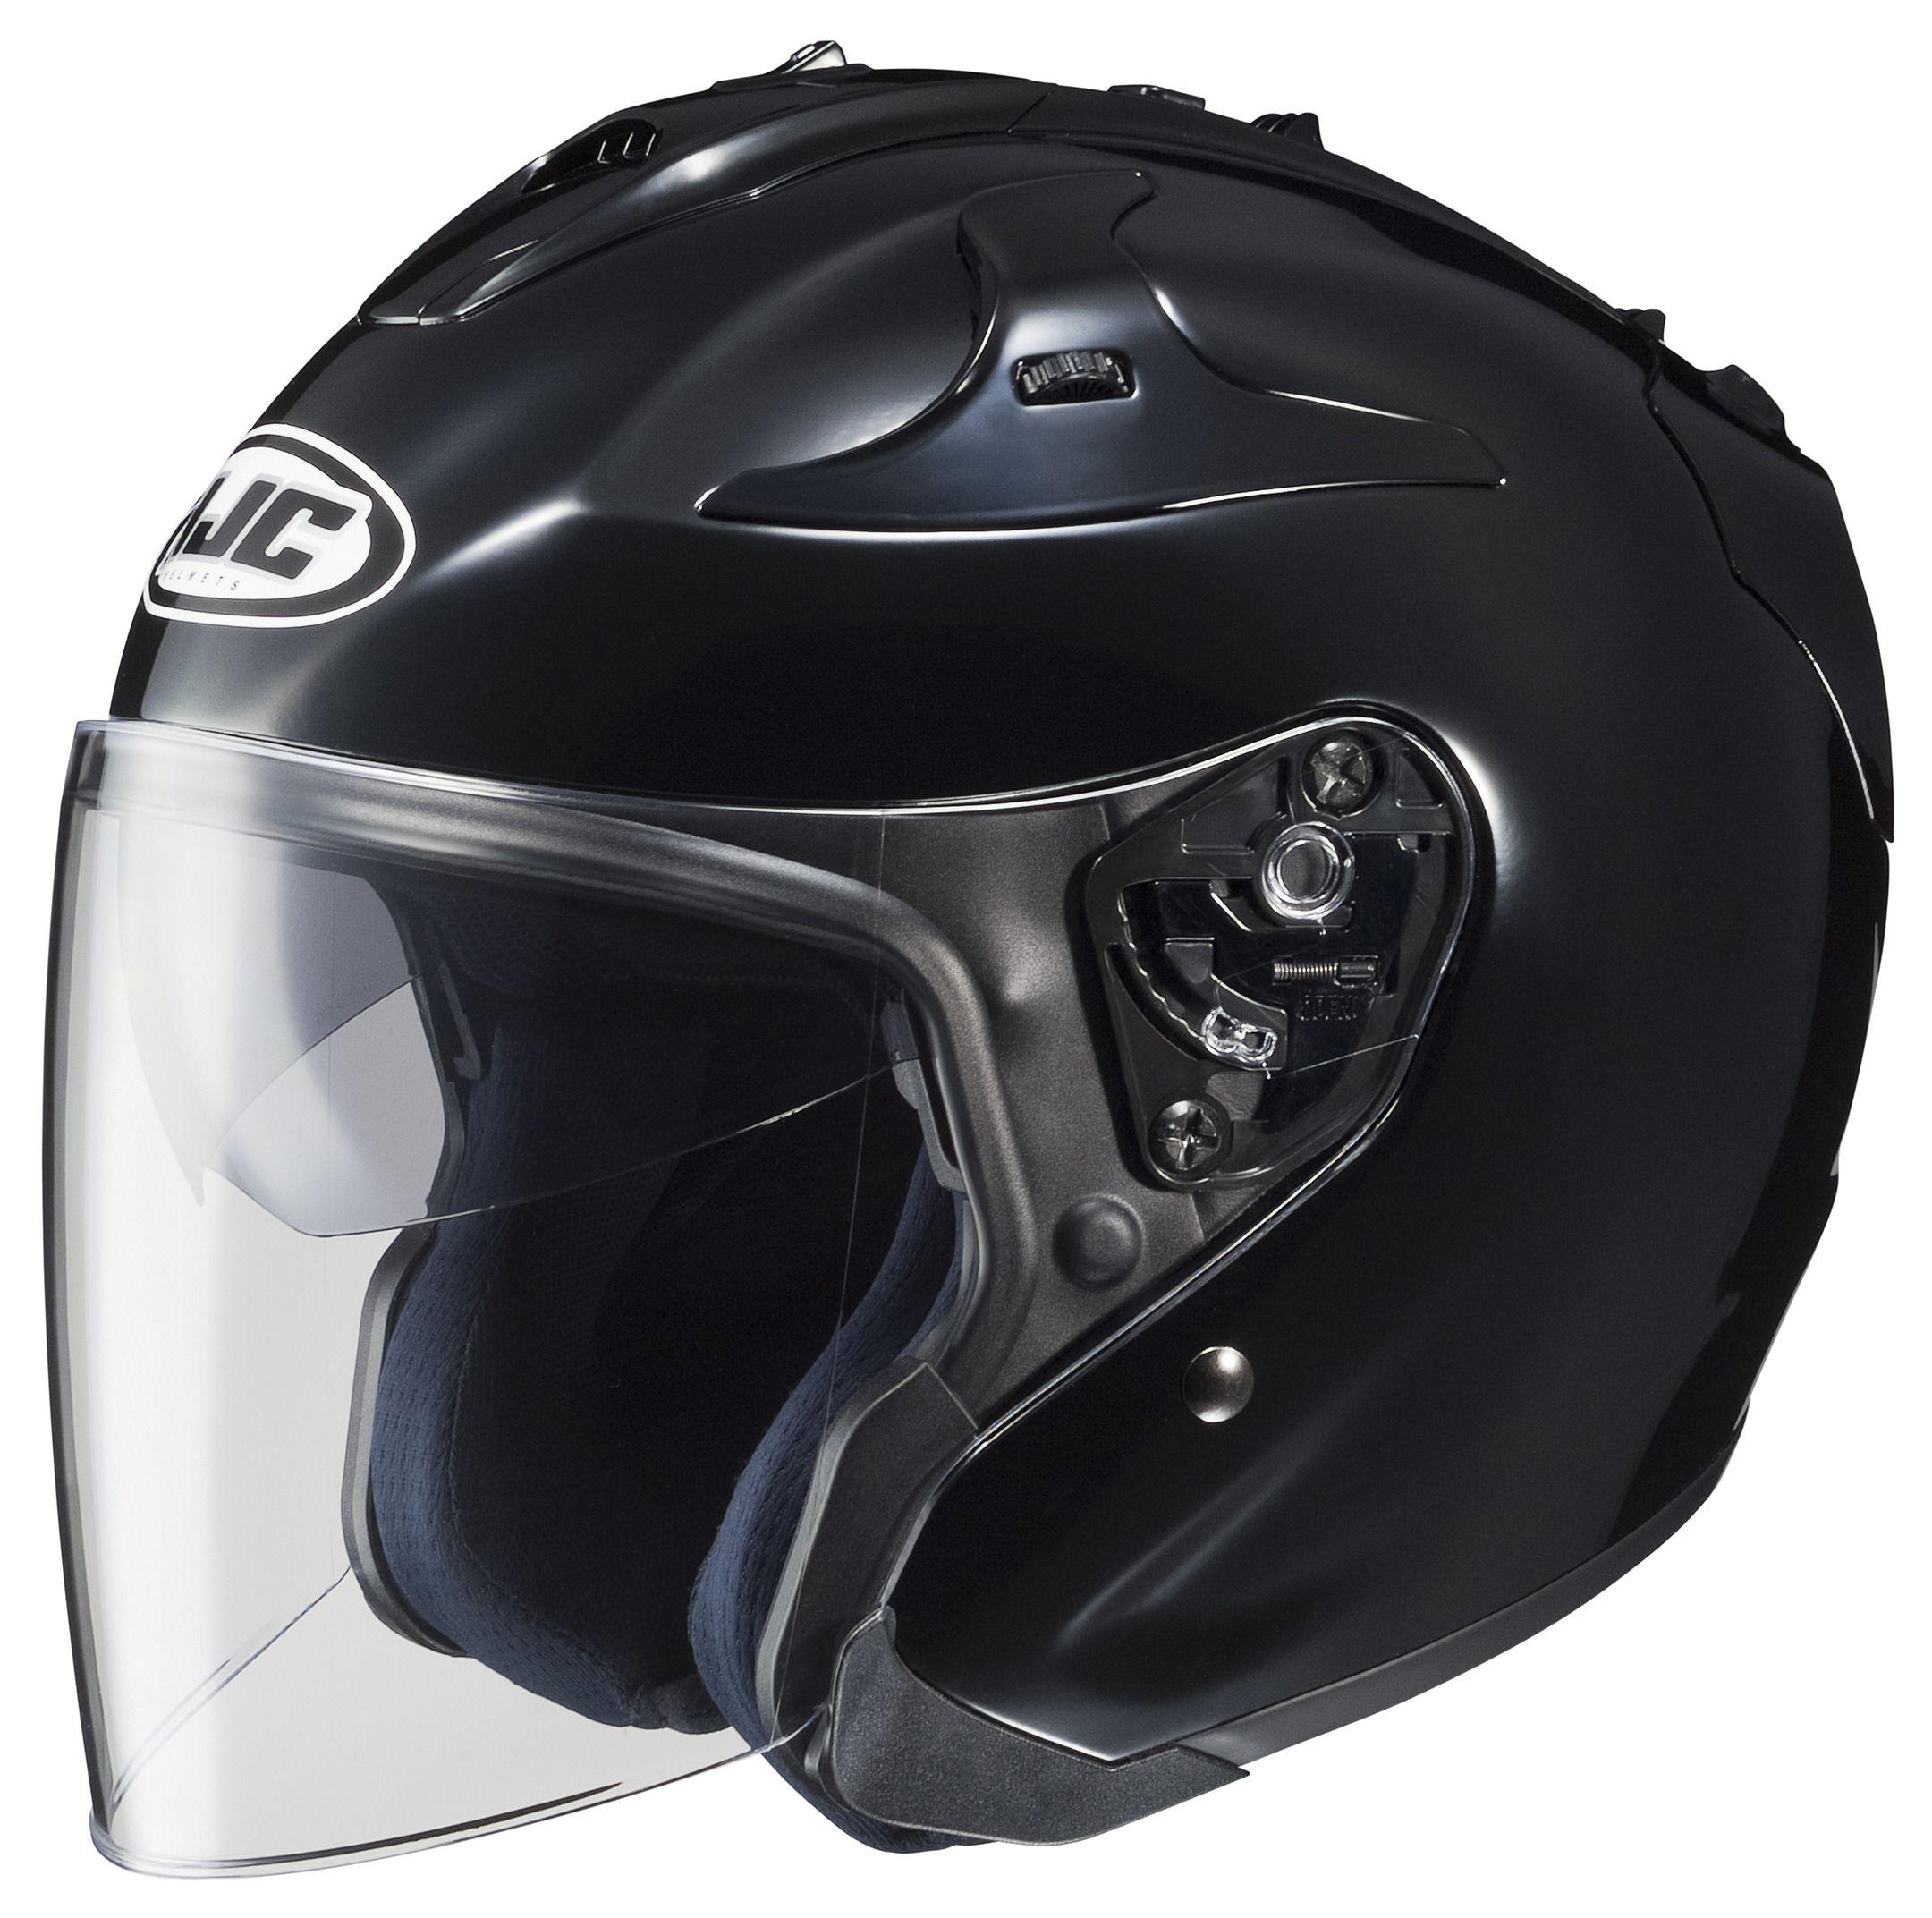 Hjc Fg Jet Helmet 10 20 00 Off Revzilla